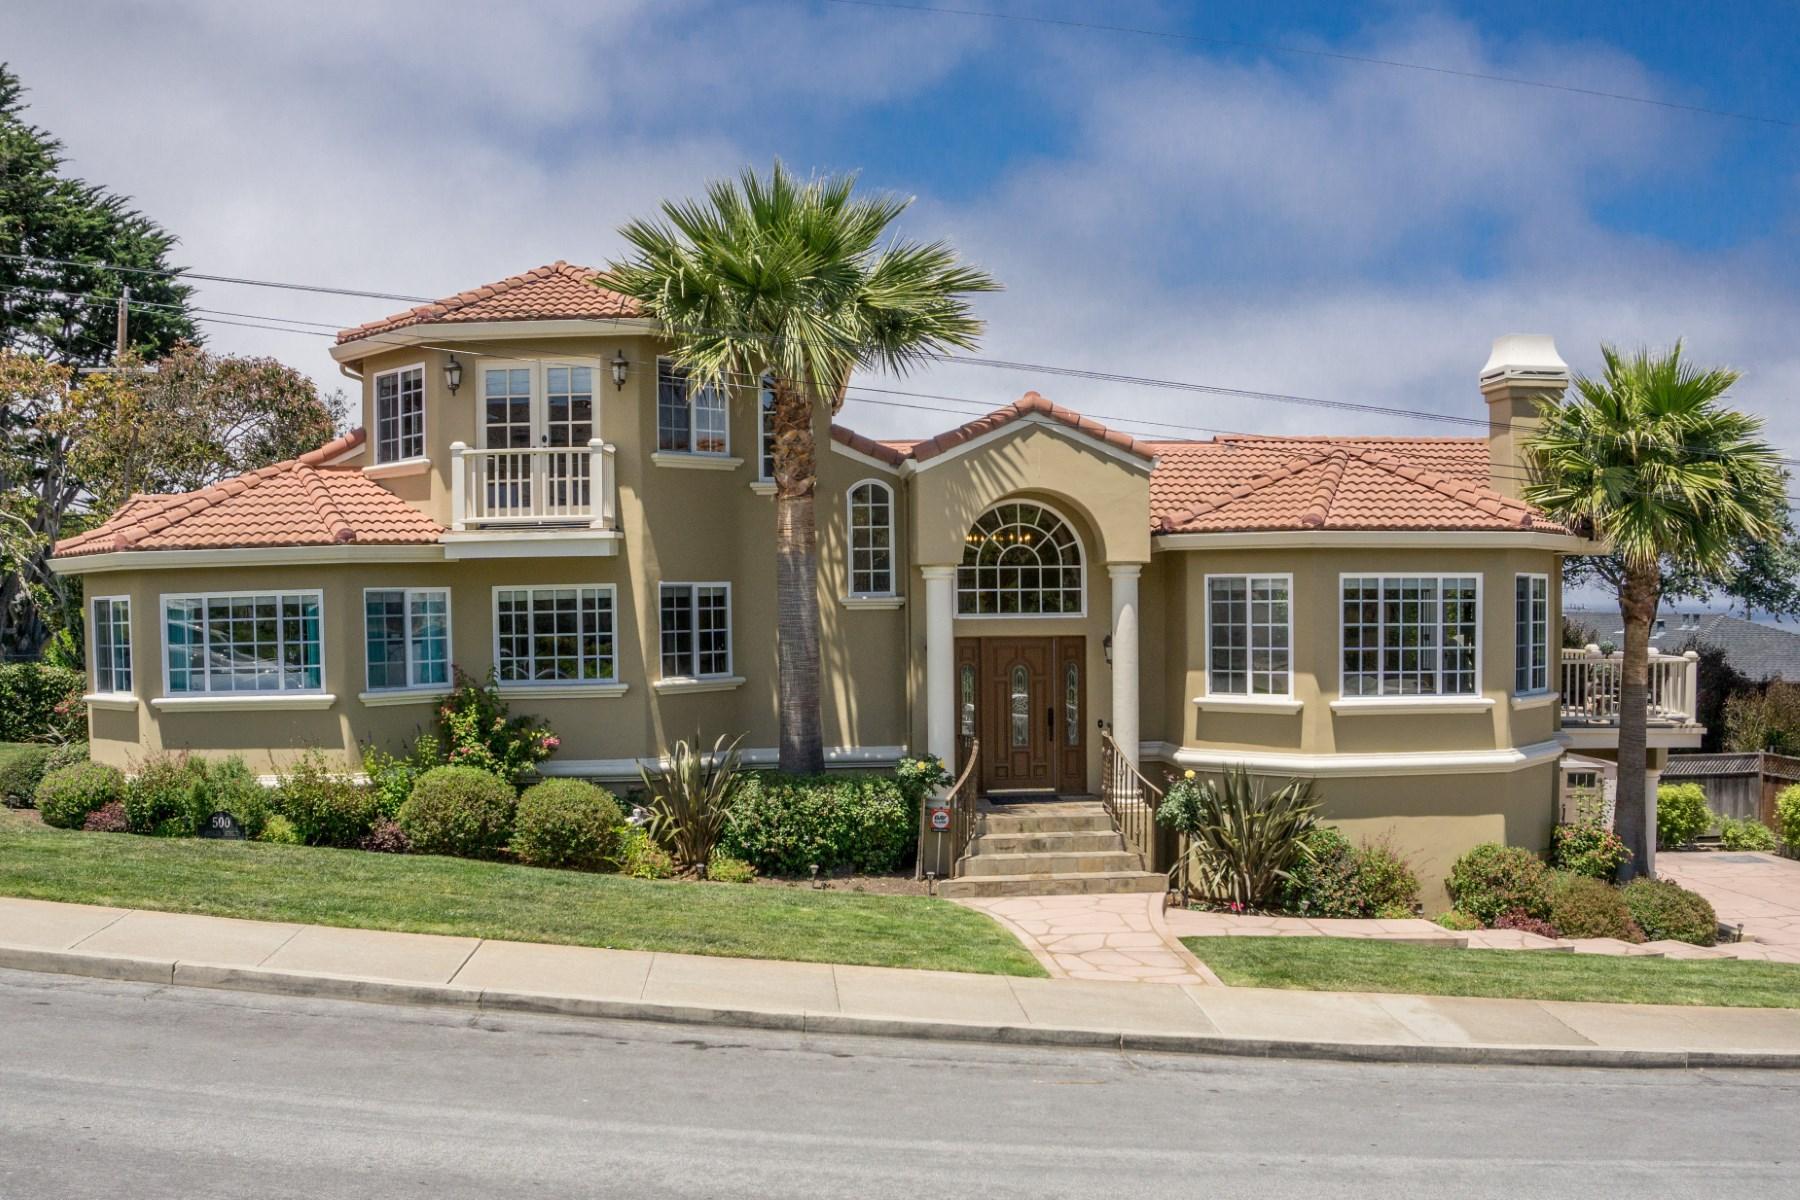 Moradia para Venda às Big Bay Views from Big Spacious Home 500 Spencer Street Monterey, Califórnia 93940 Estados Unidos